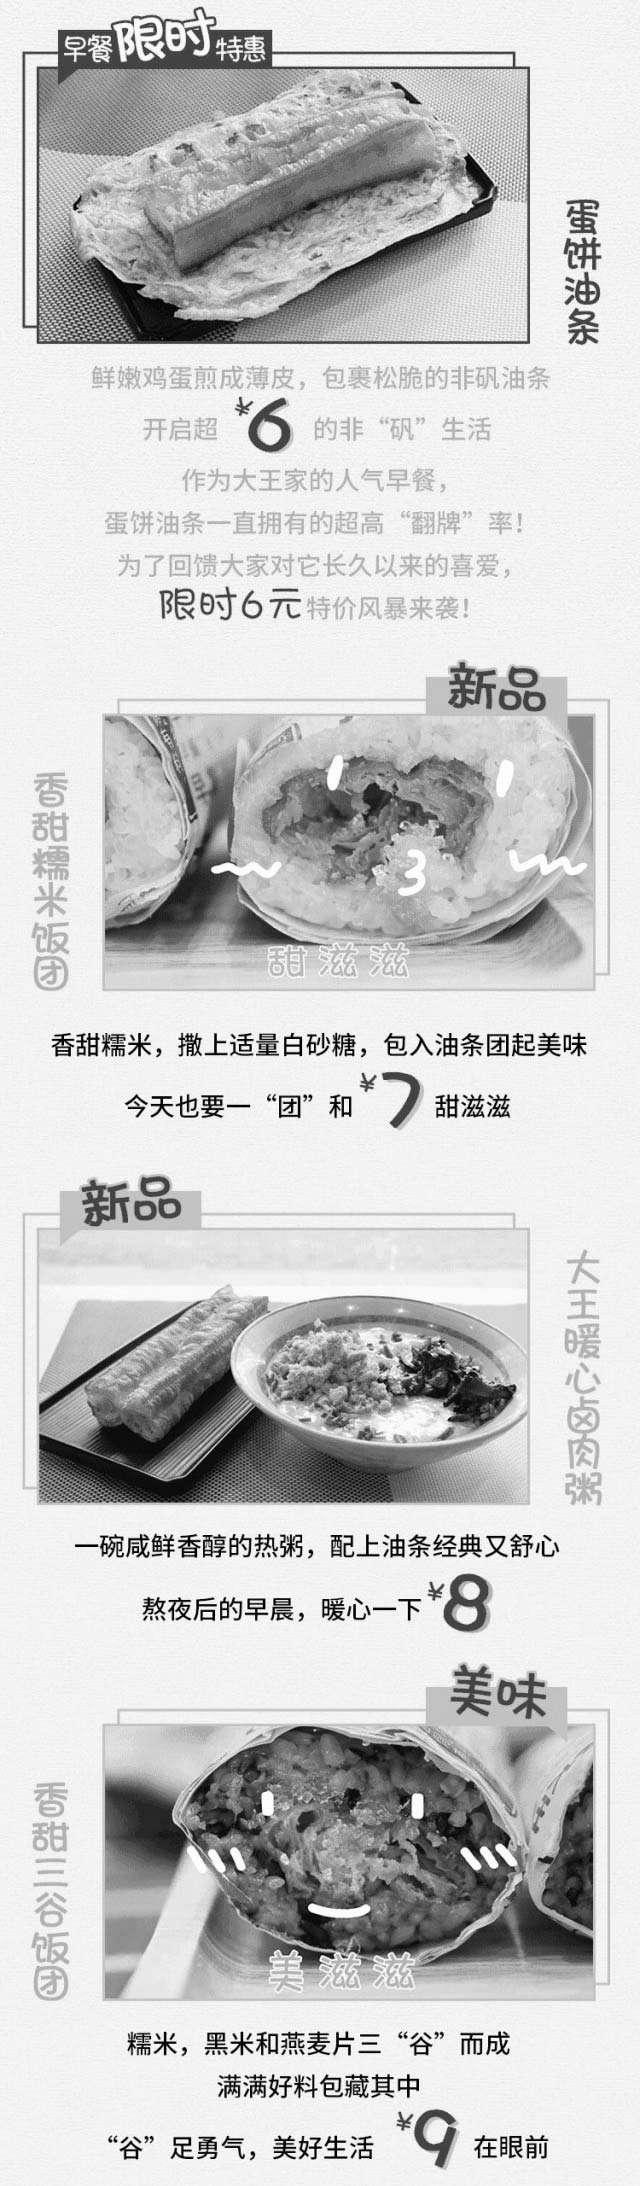 黑白优惠券图片:永和大王早餐限时特惠,6、7、8、9元早餐特价风暴来袭 - www.5ikfc.com